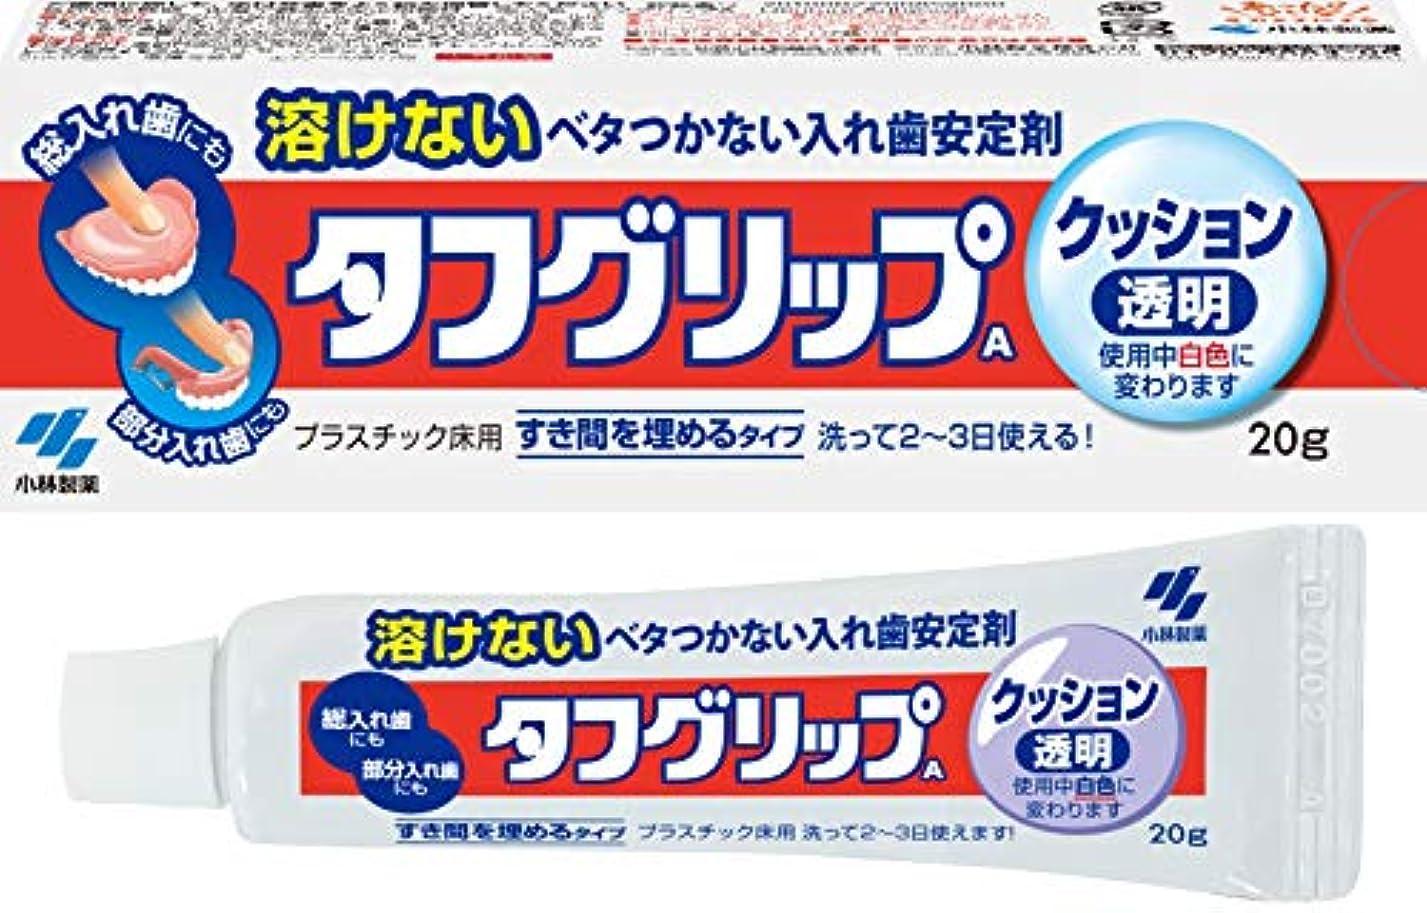 テスピアン気質非常に怒っていますタフグリップクッション 透明 入れ歯安定剤(総入れ歯?部分入れ歯) 20g